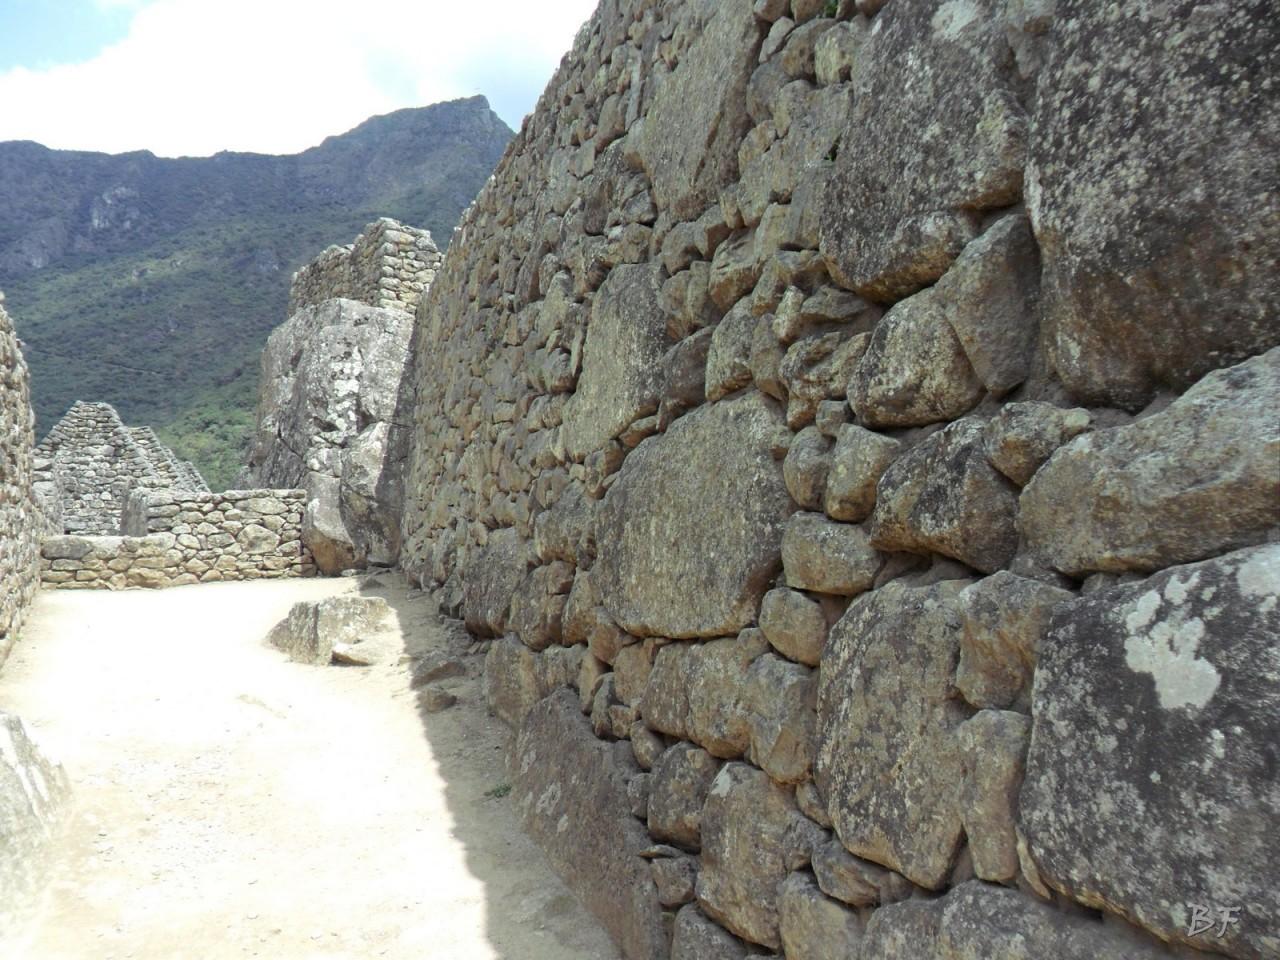 Mura-Poligonali-Incisioni-Altari-Edifici-Rupestri-Megaliti-Machu-Picchu-Aguas-Calientes-Urubamba-Cusco-Perù-133